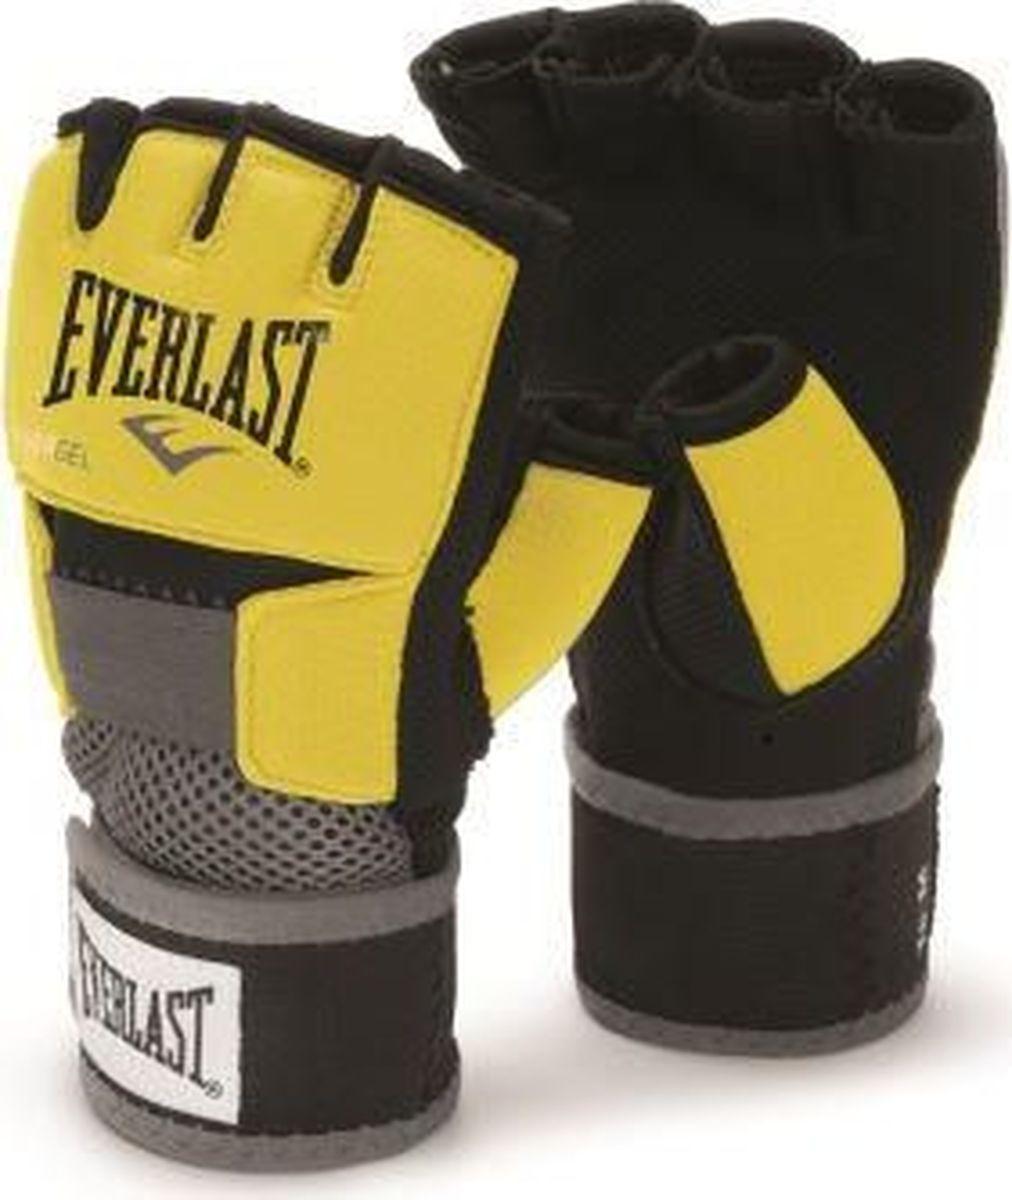 Боксерские перчатки Everlast Evergel, гелевые, 4355XLU, желтый, черный, размер XL